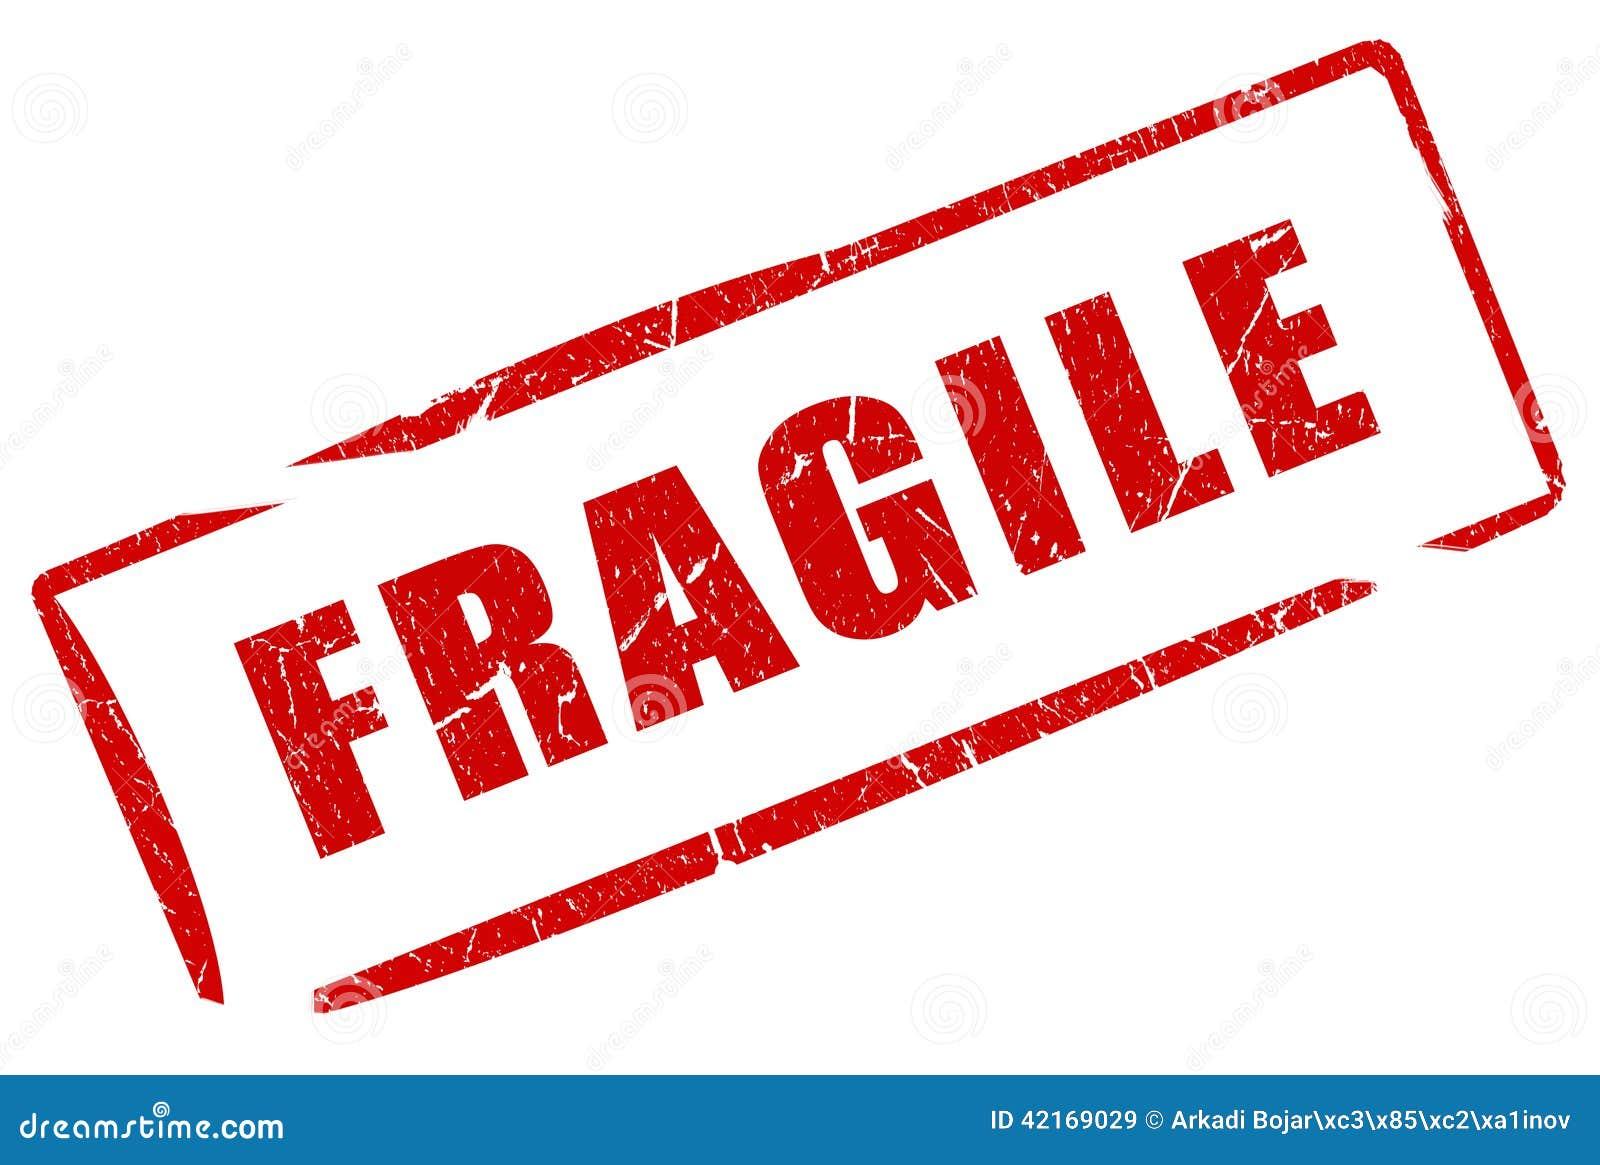 Fragile Stamp Stock Illustration - Image: 42169029